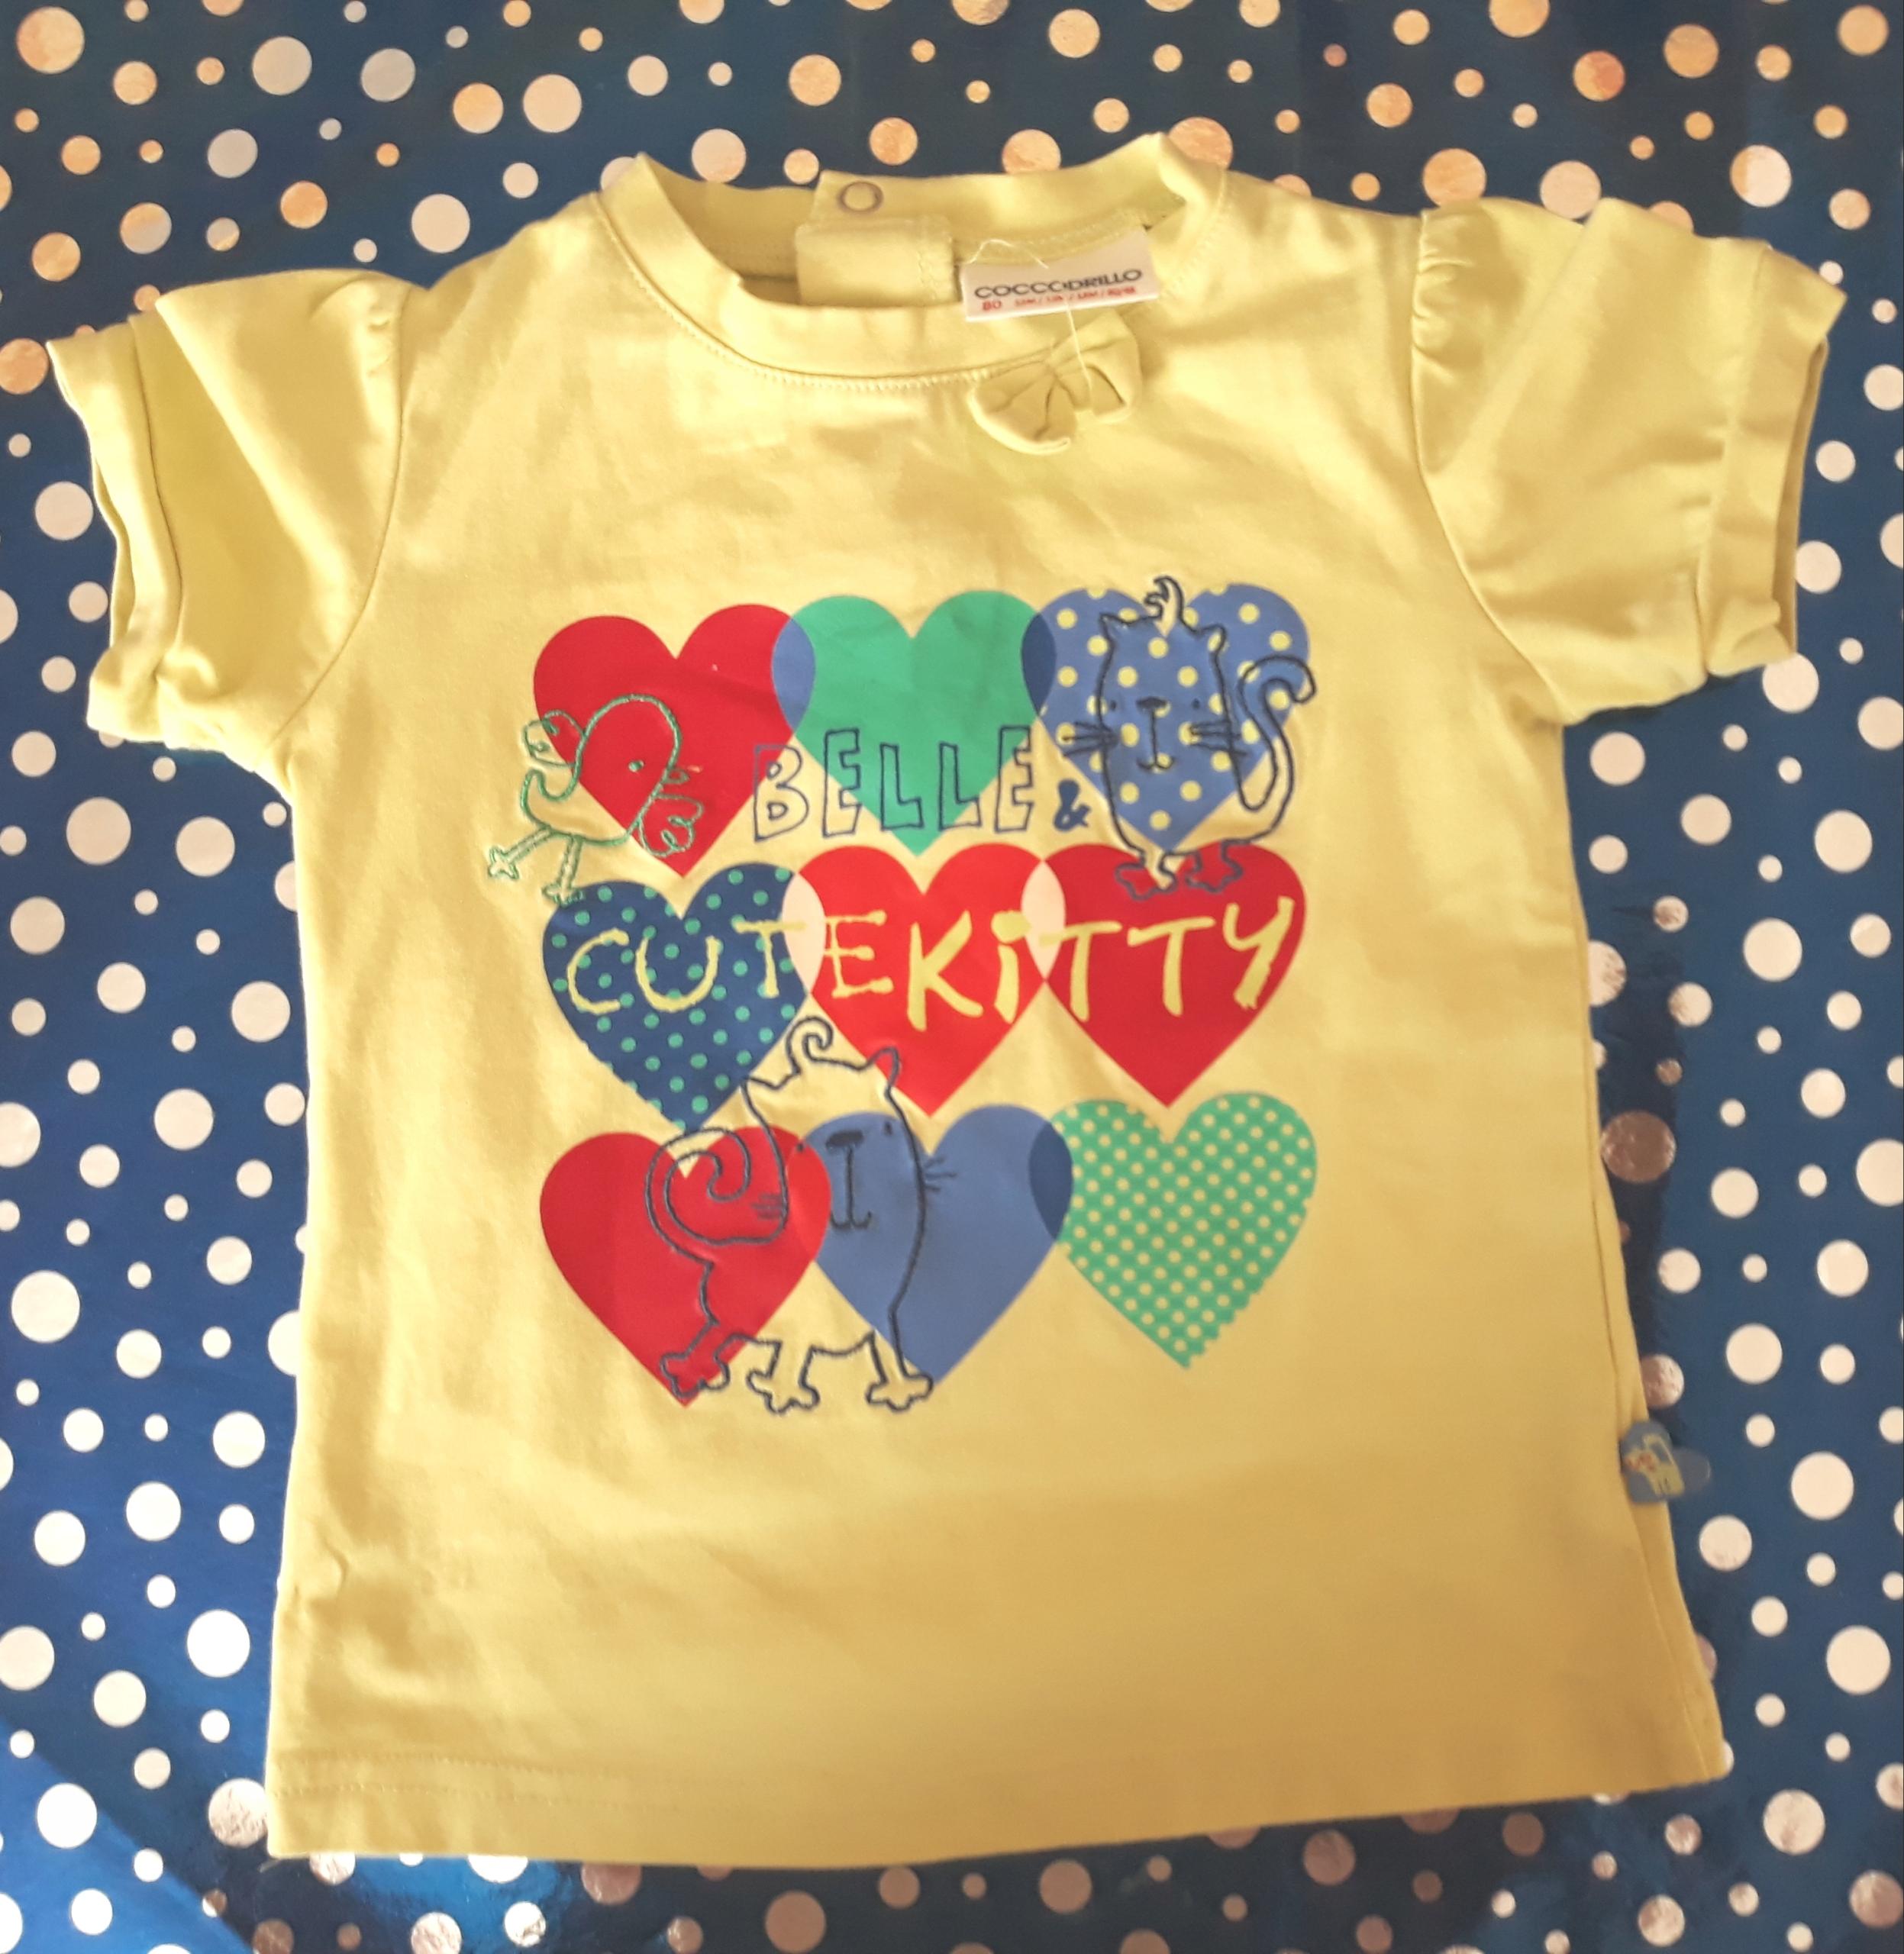 80 86 2lata t-shirt bluzka koszulka Cocodrillo